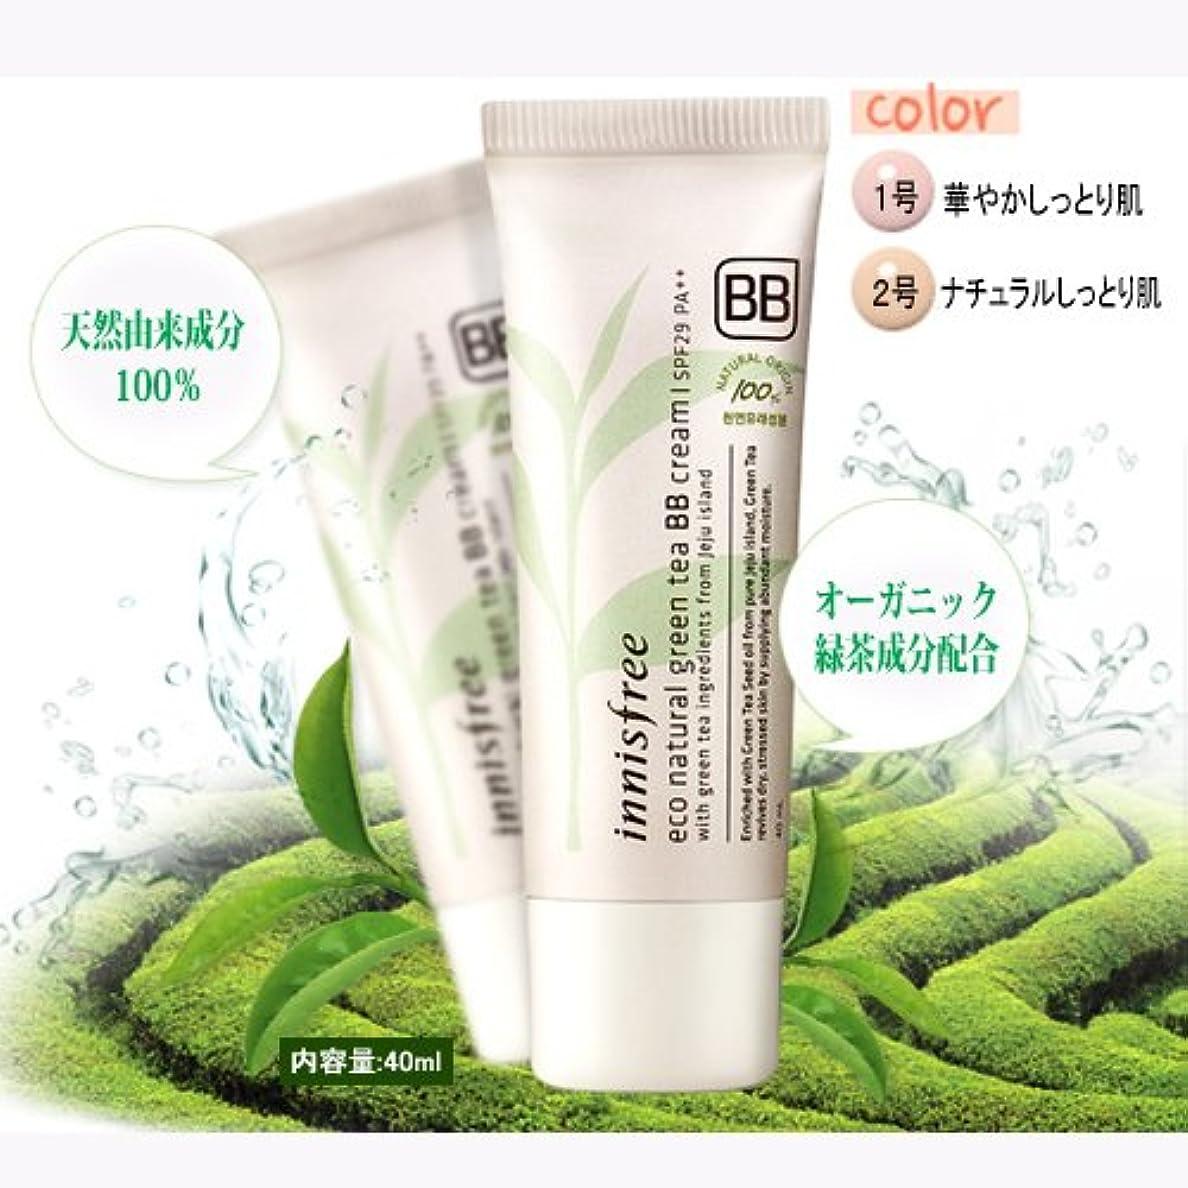 マラドロイトシロクマ起きろinnisfree/イニスフリー Eco Natural Green Tea BB Cream #02/エコナチュラルグリーンティーBBクリームナチュラルなしっとりお肌 SPF29PA++40ml